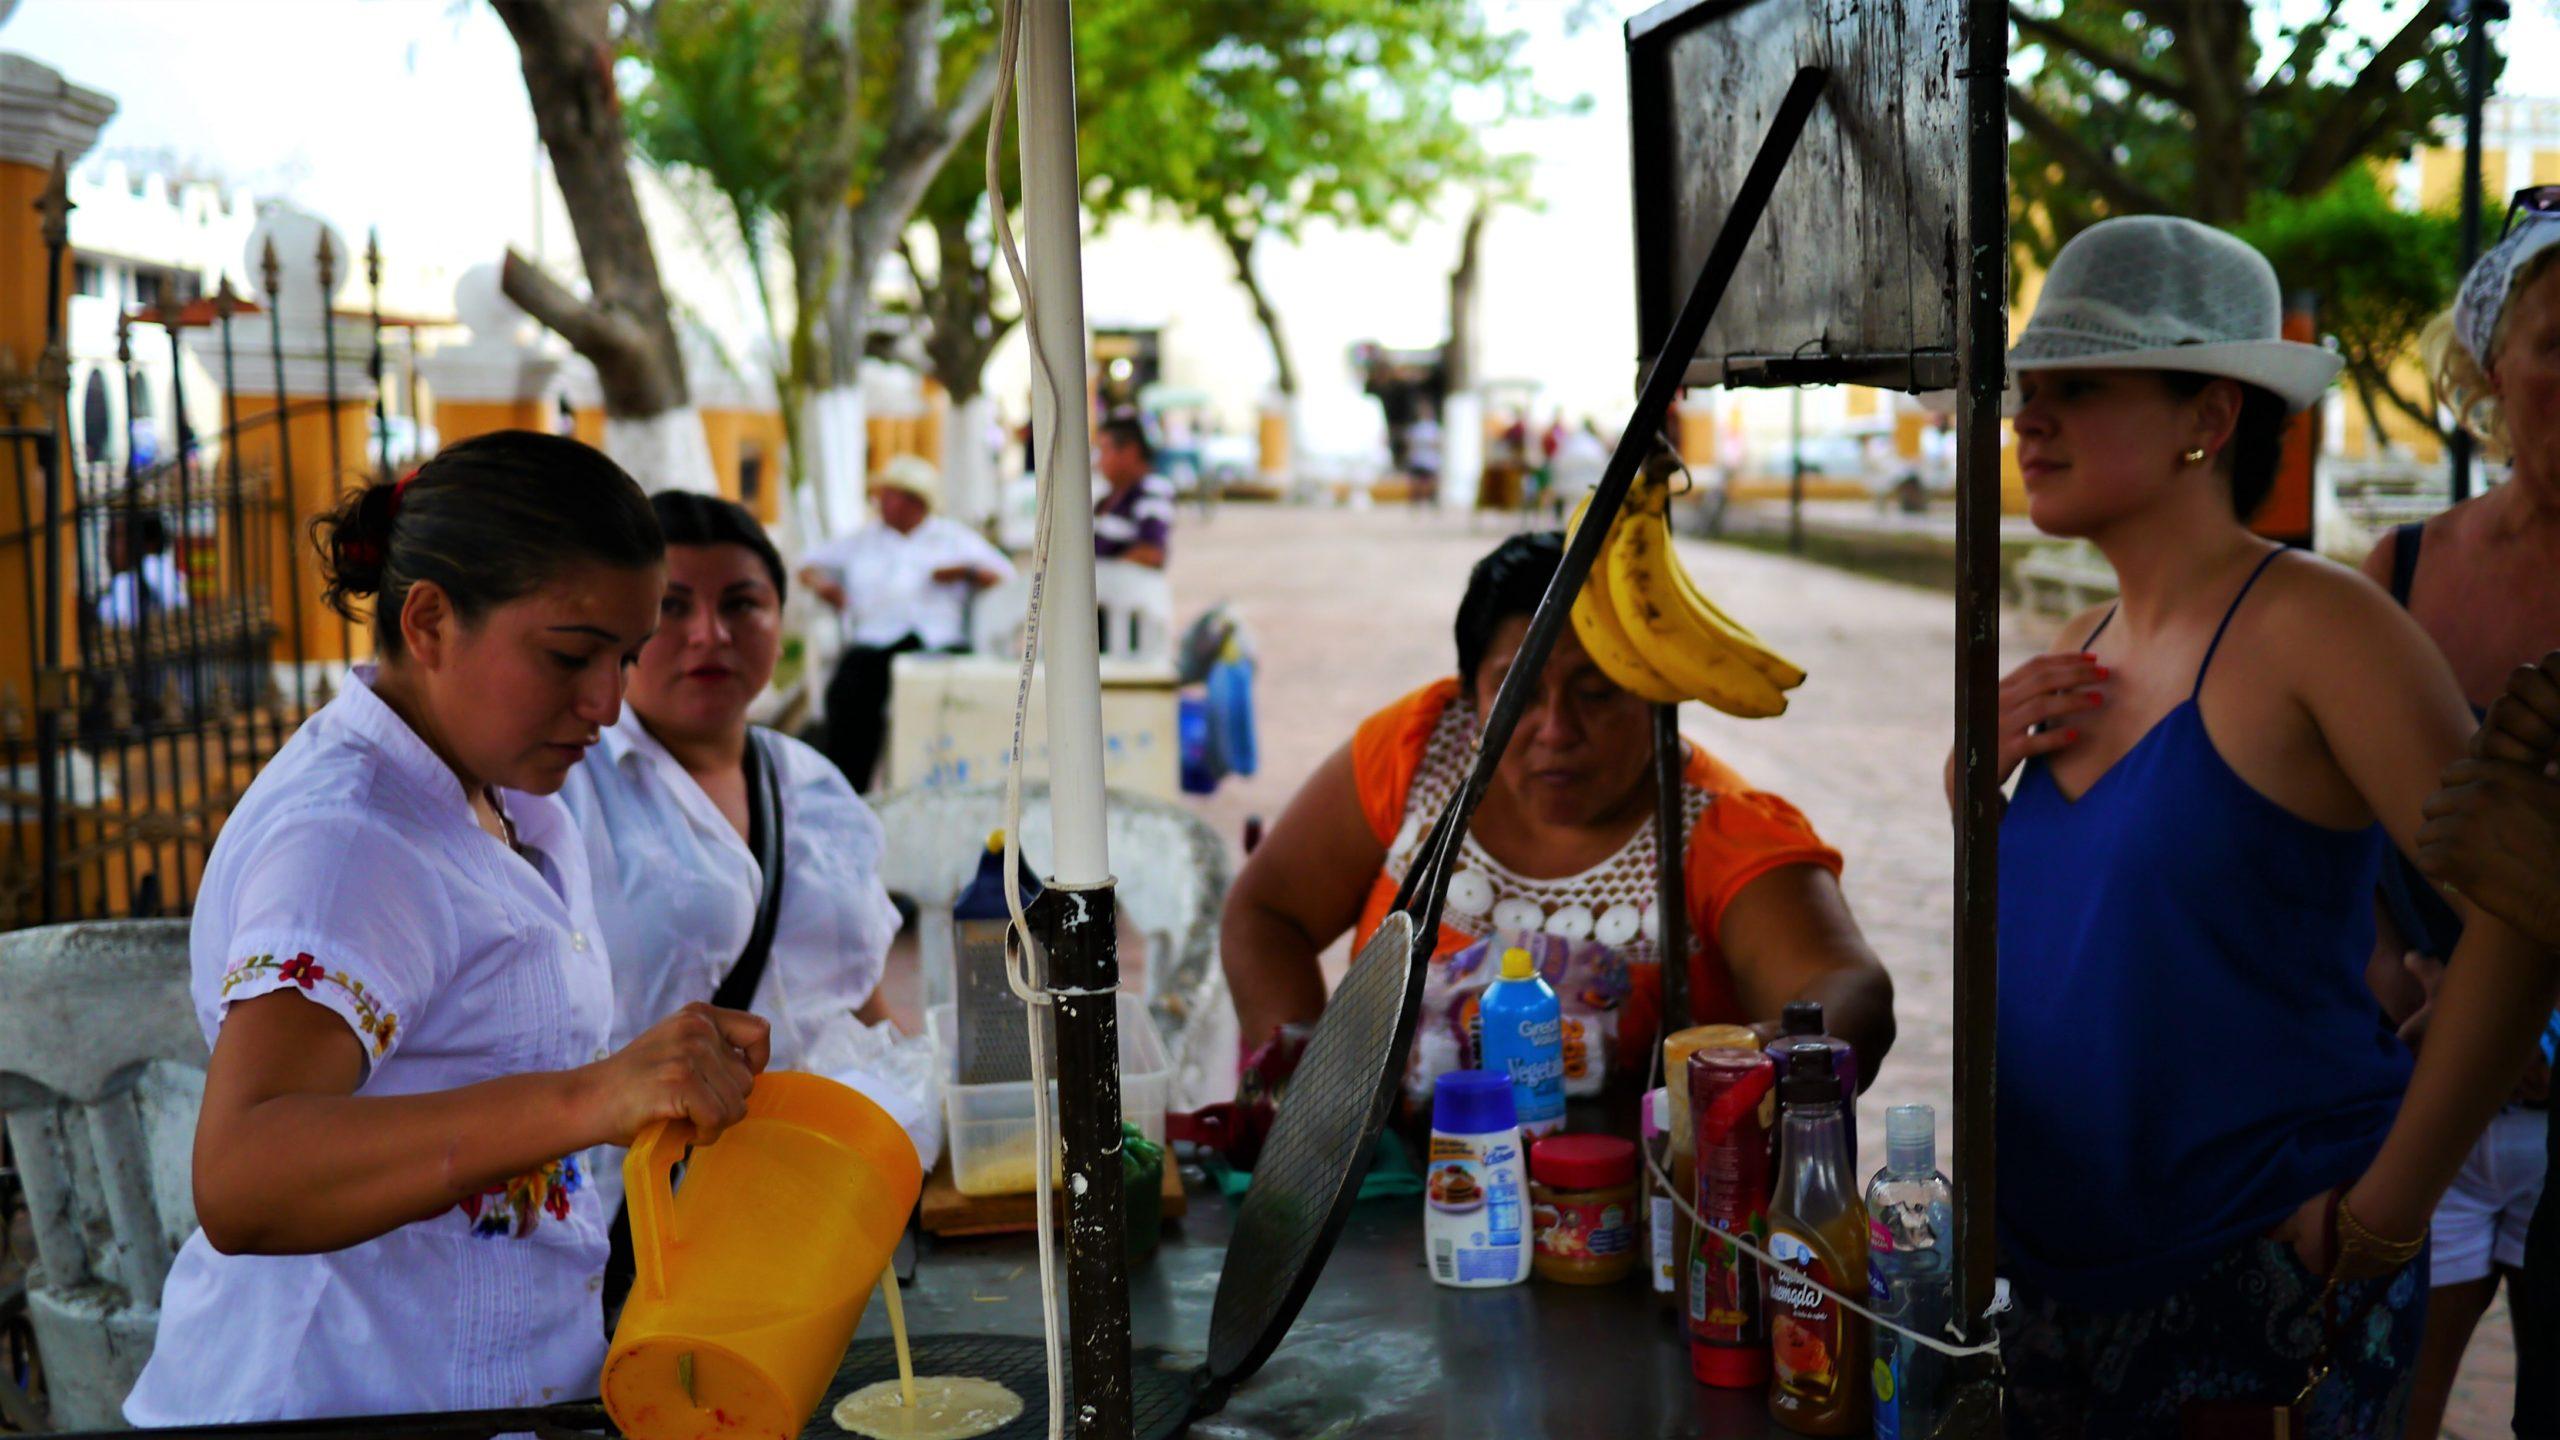 Mexique Valladolid scene de rue blog voyage Yucatan arpenter le chemin